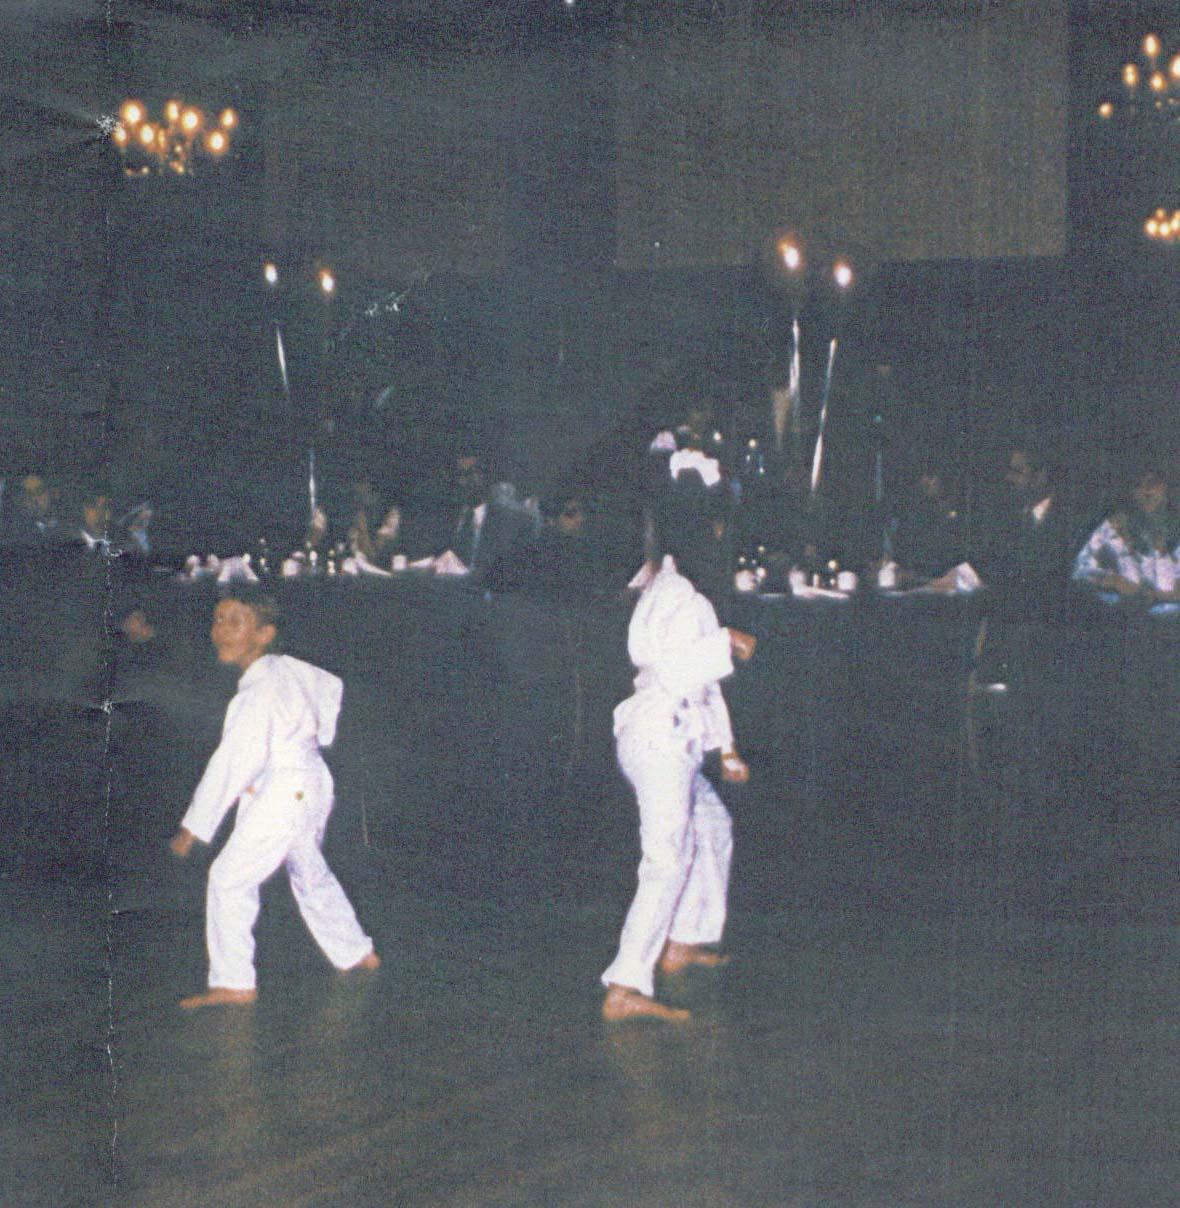 karate5_0.jpg